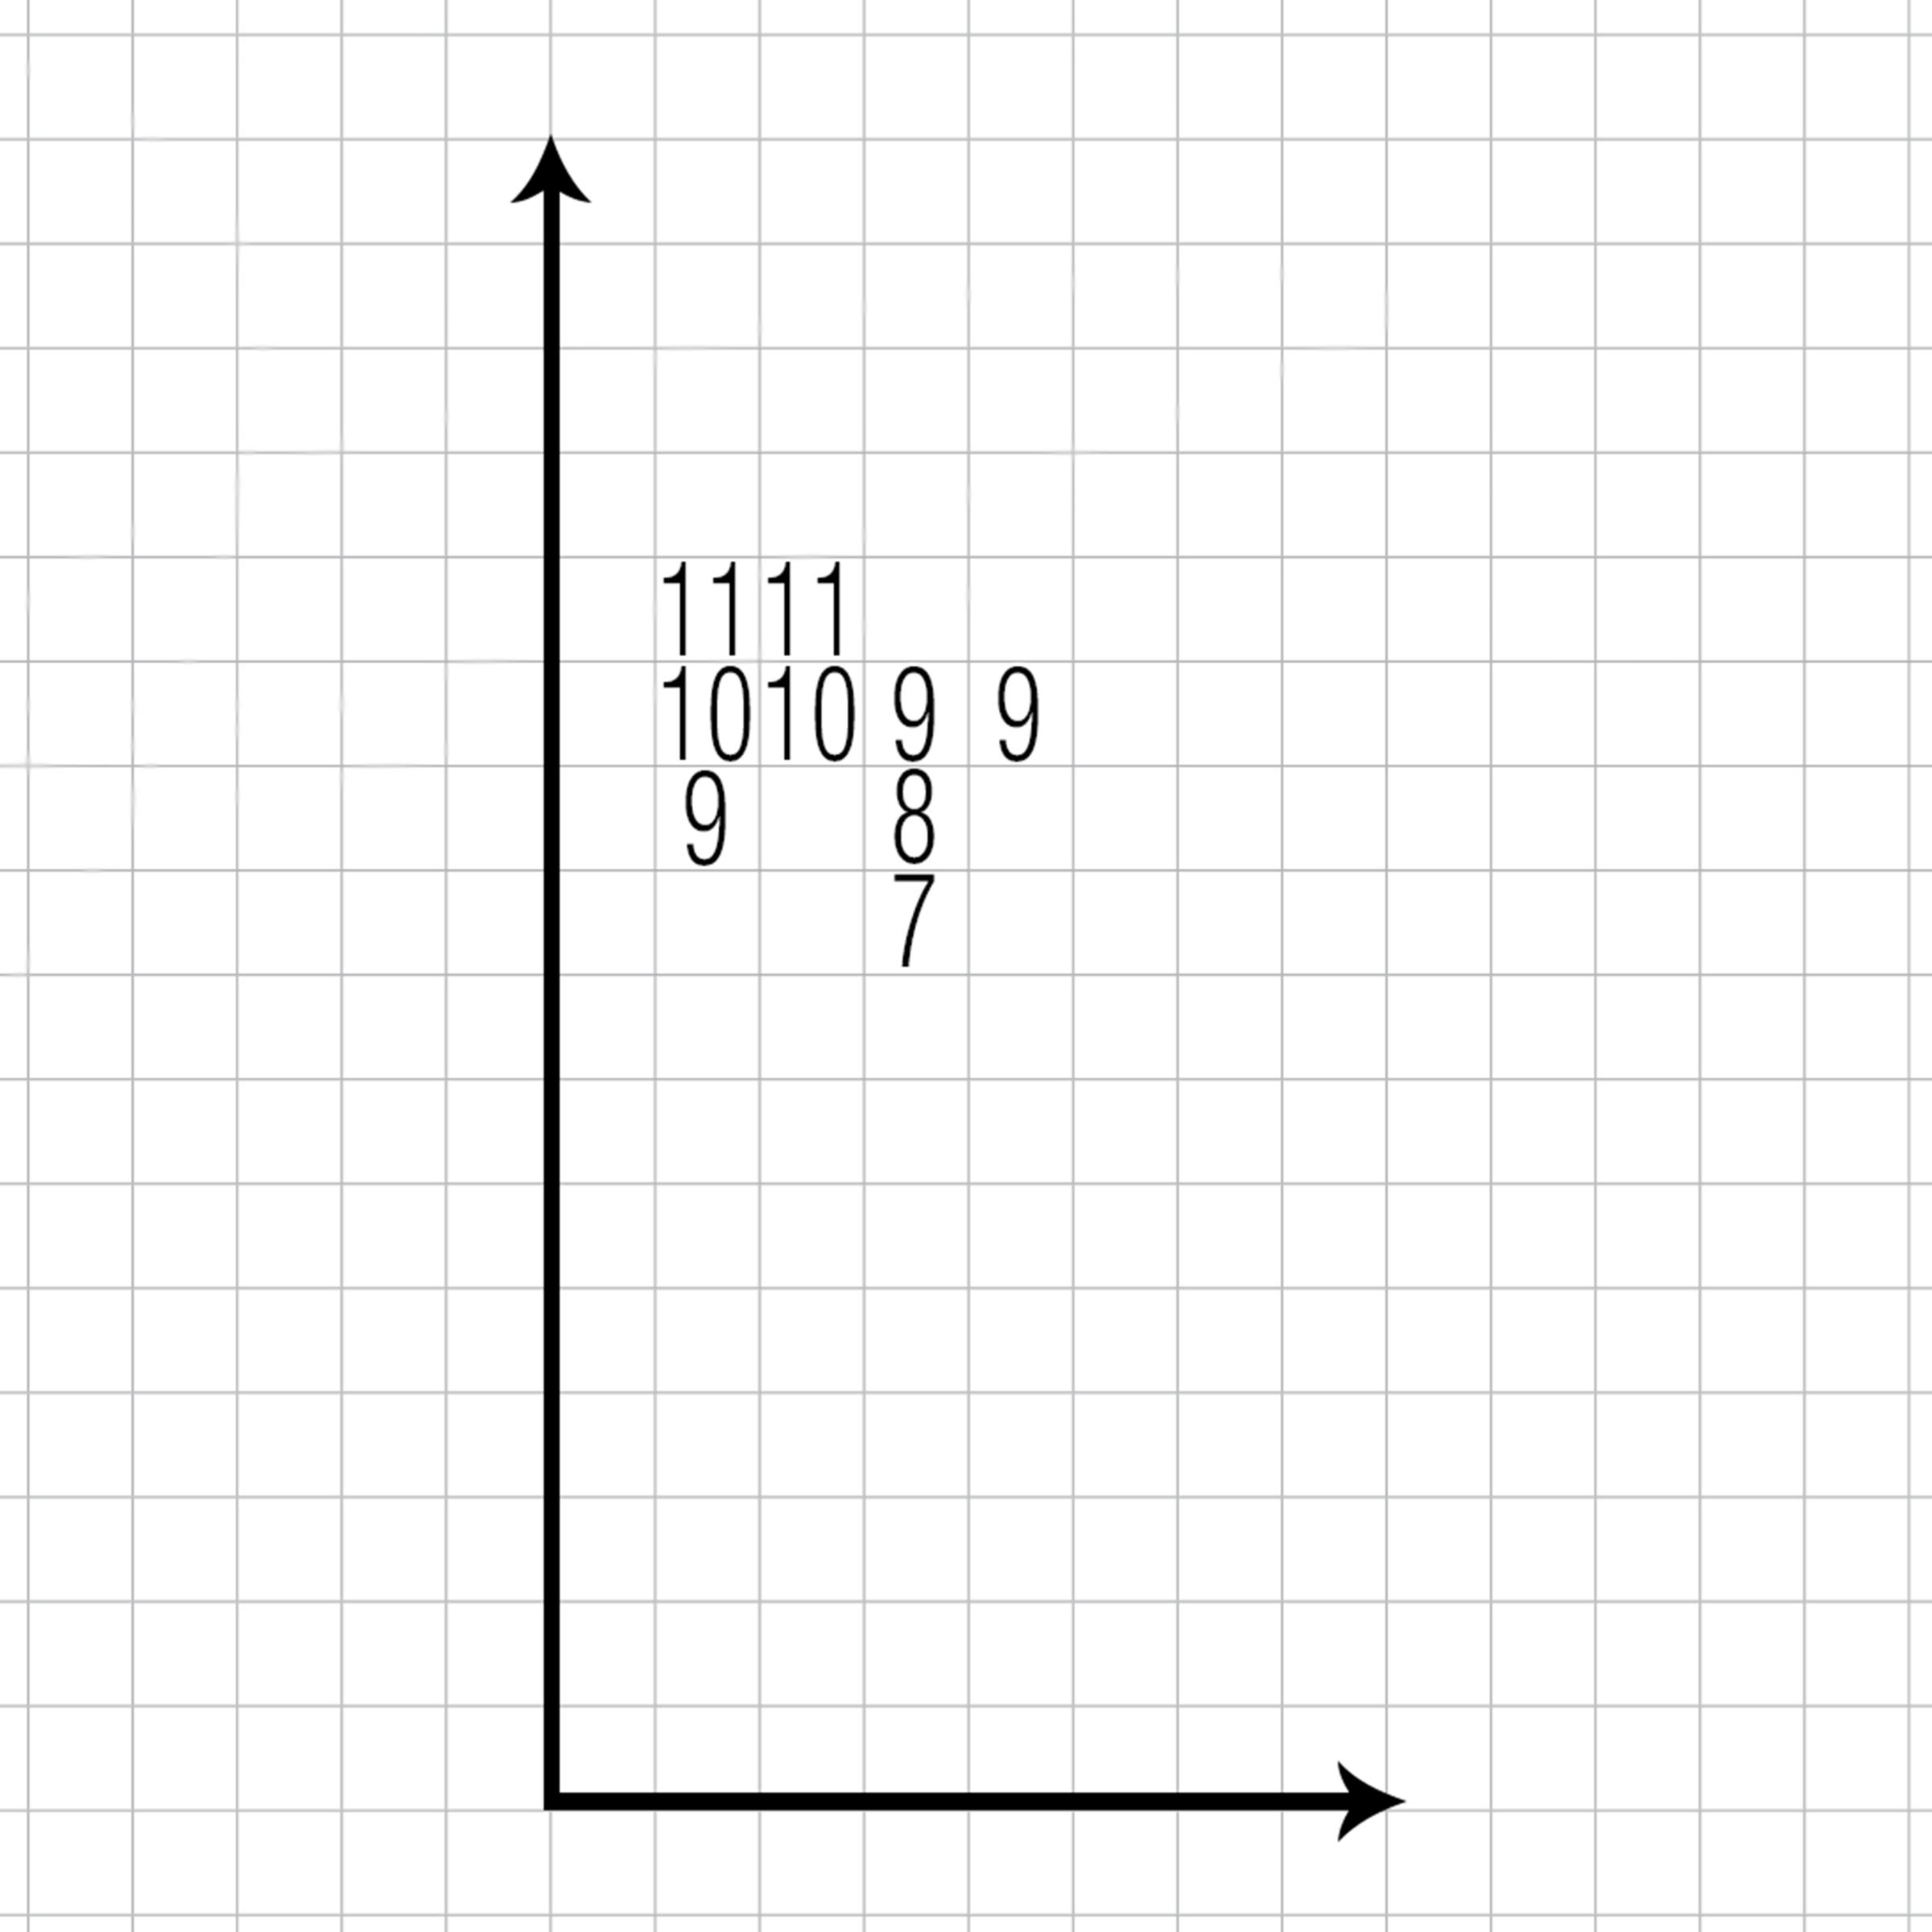 P&F Datenreihe